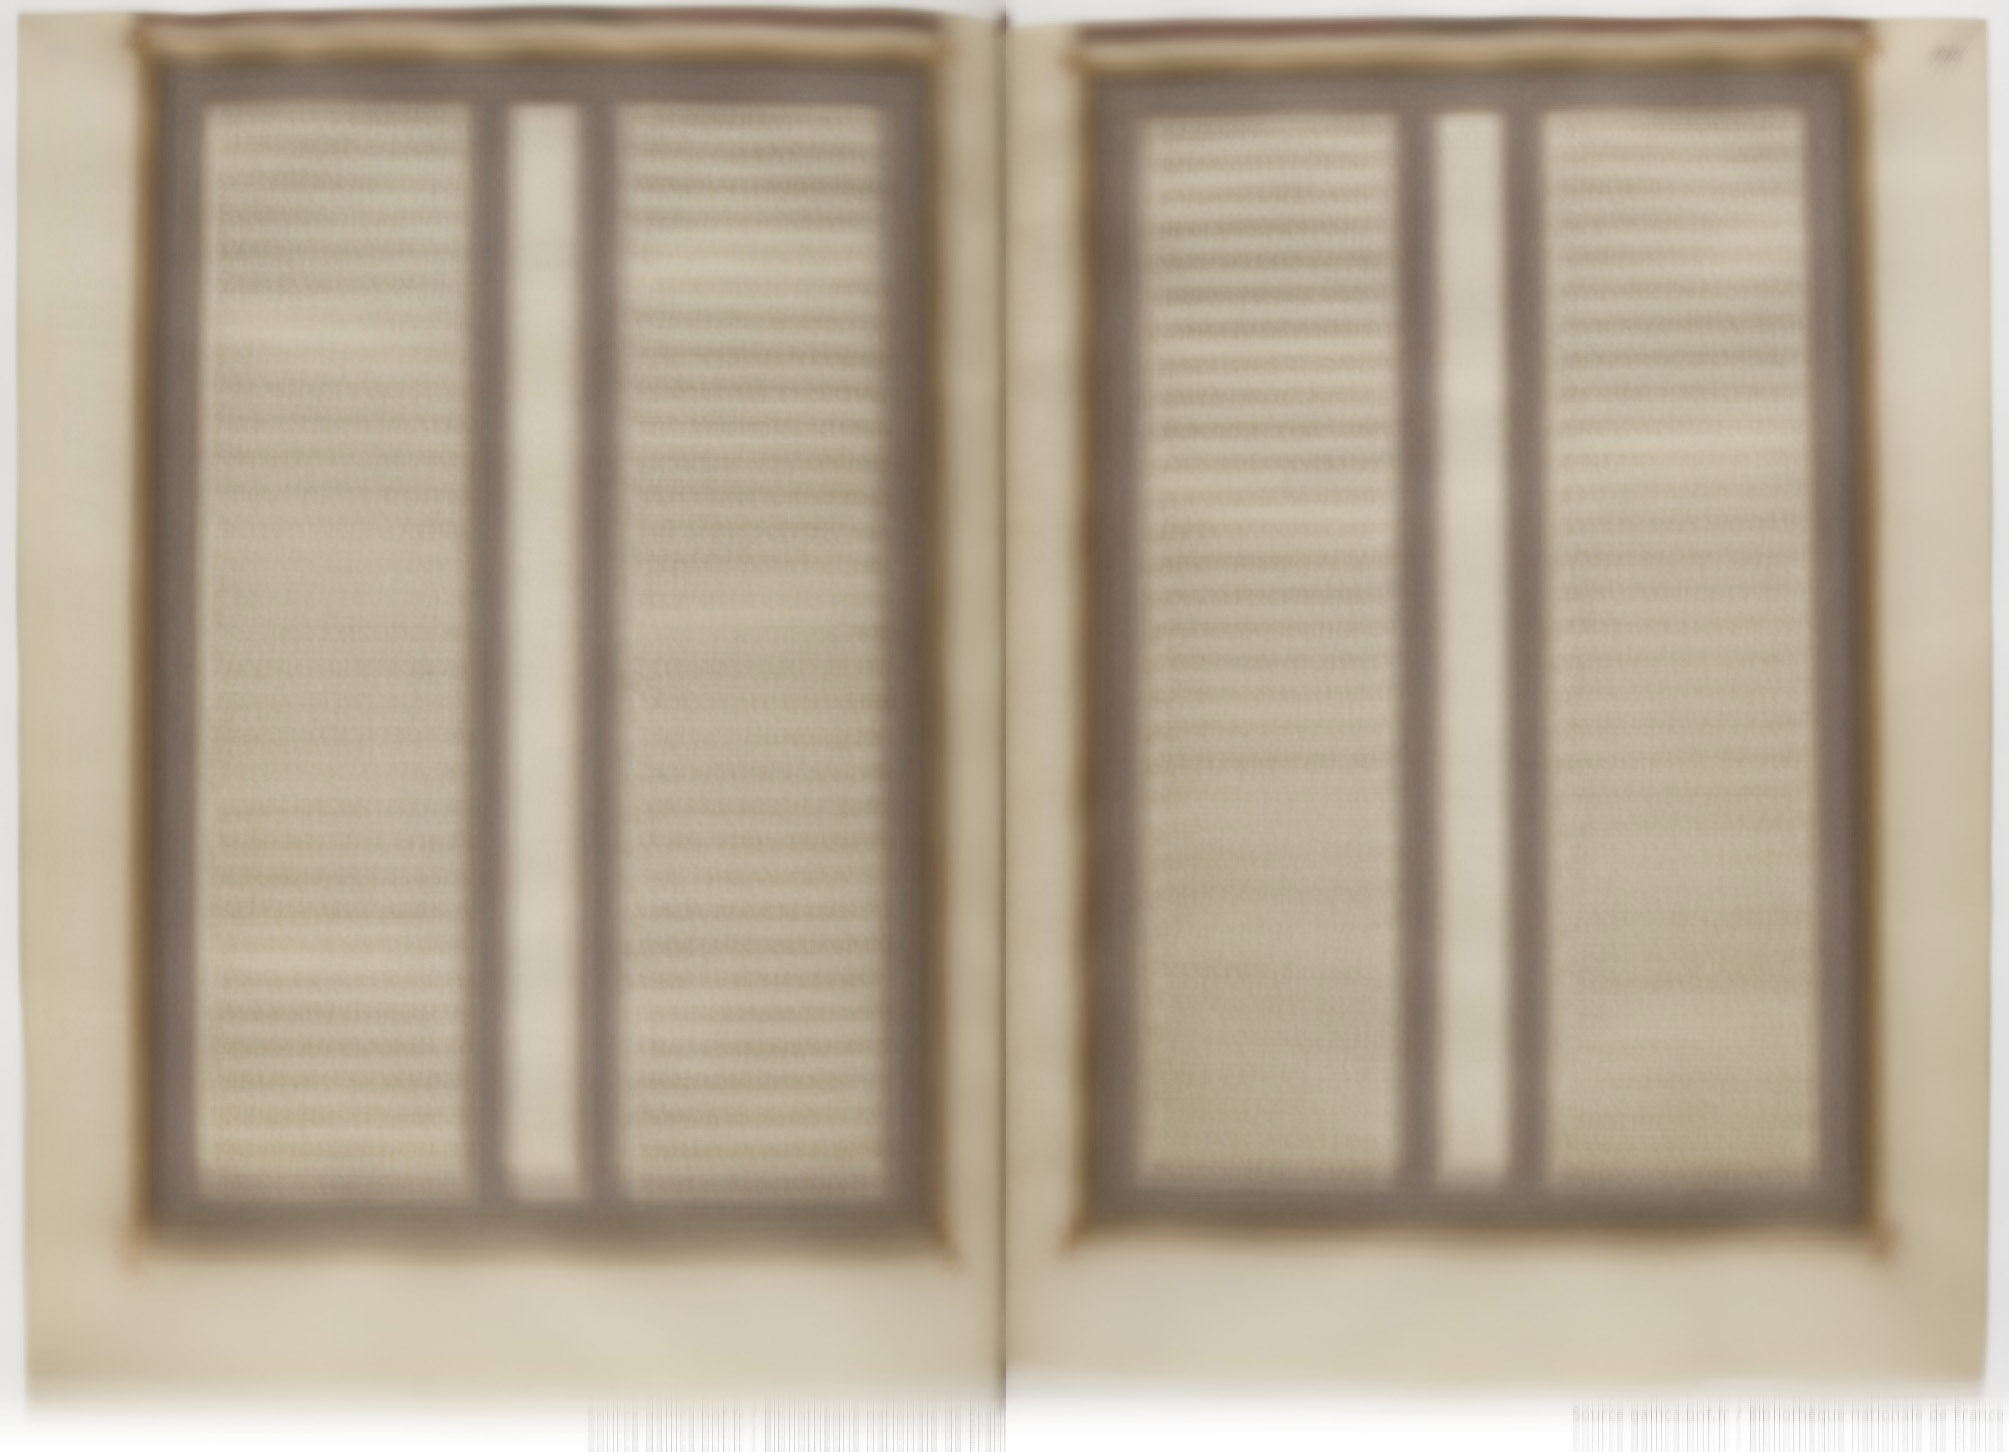 BNF Latin 8850 (222 folios)